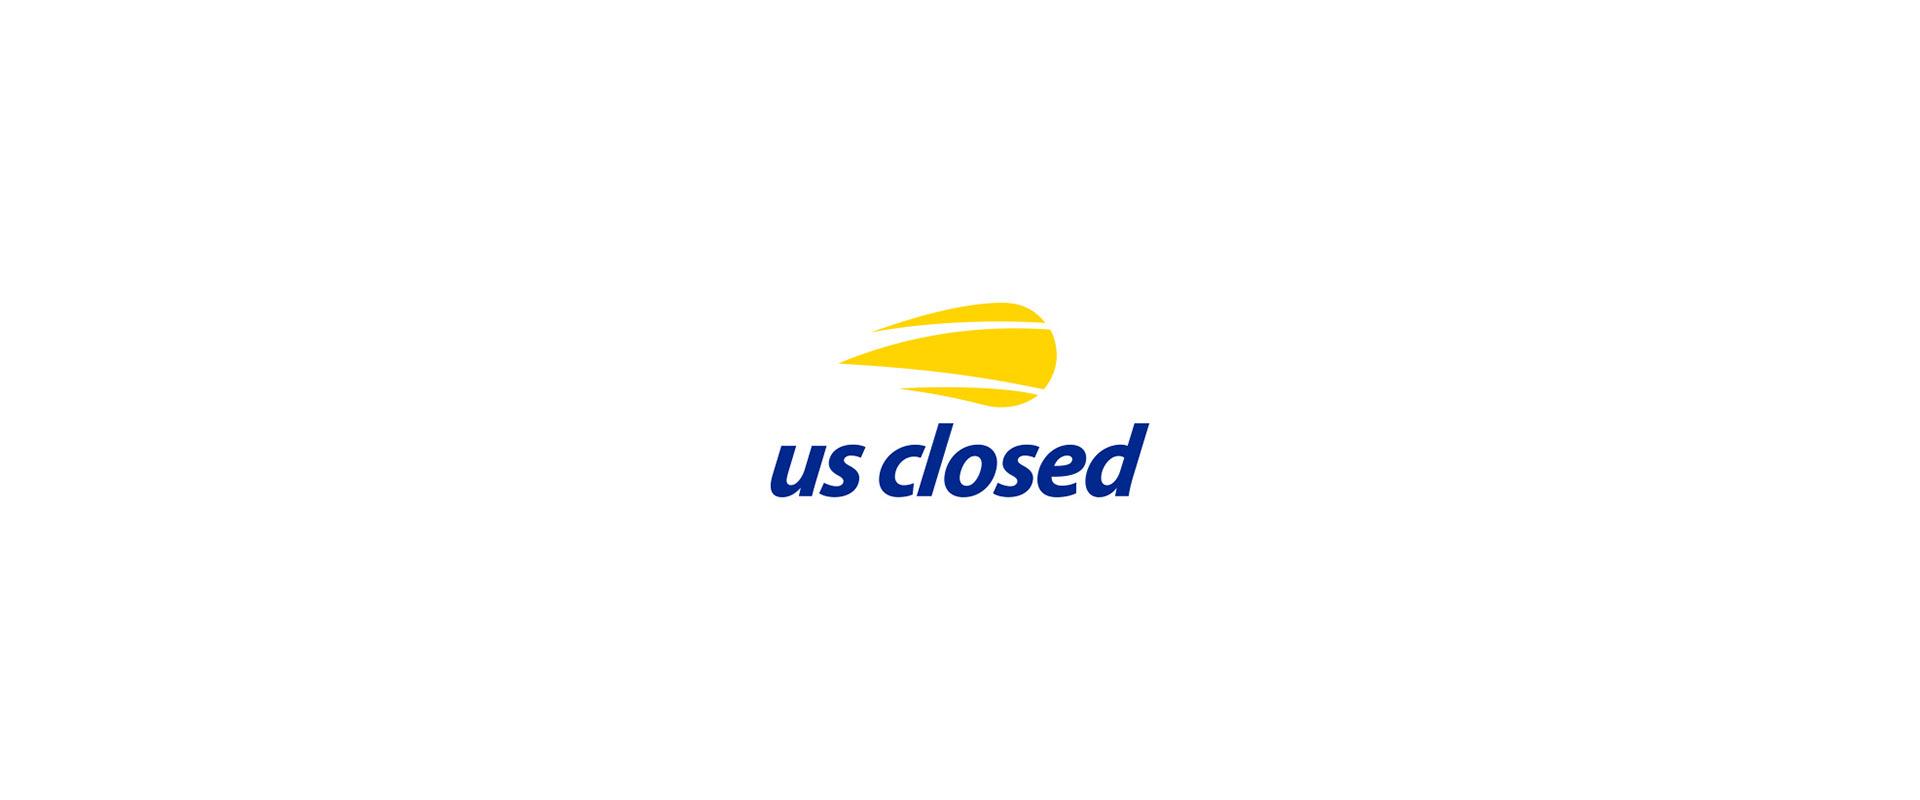 us open loronavirus logo